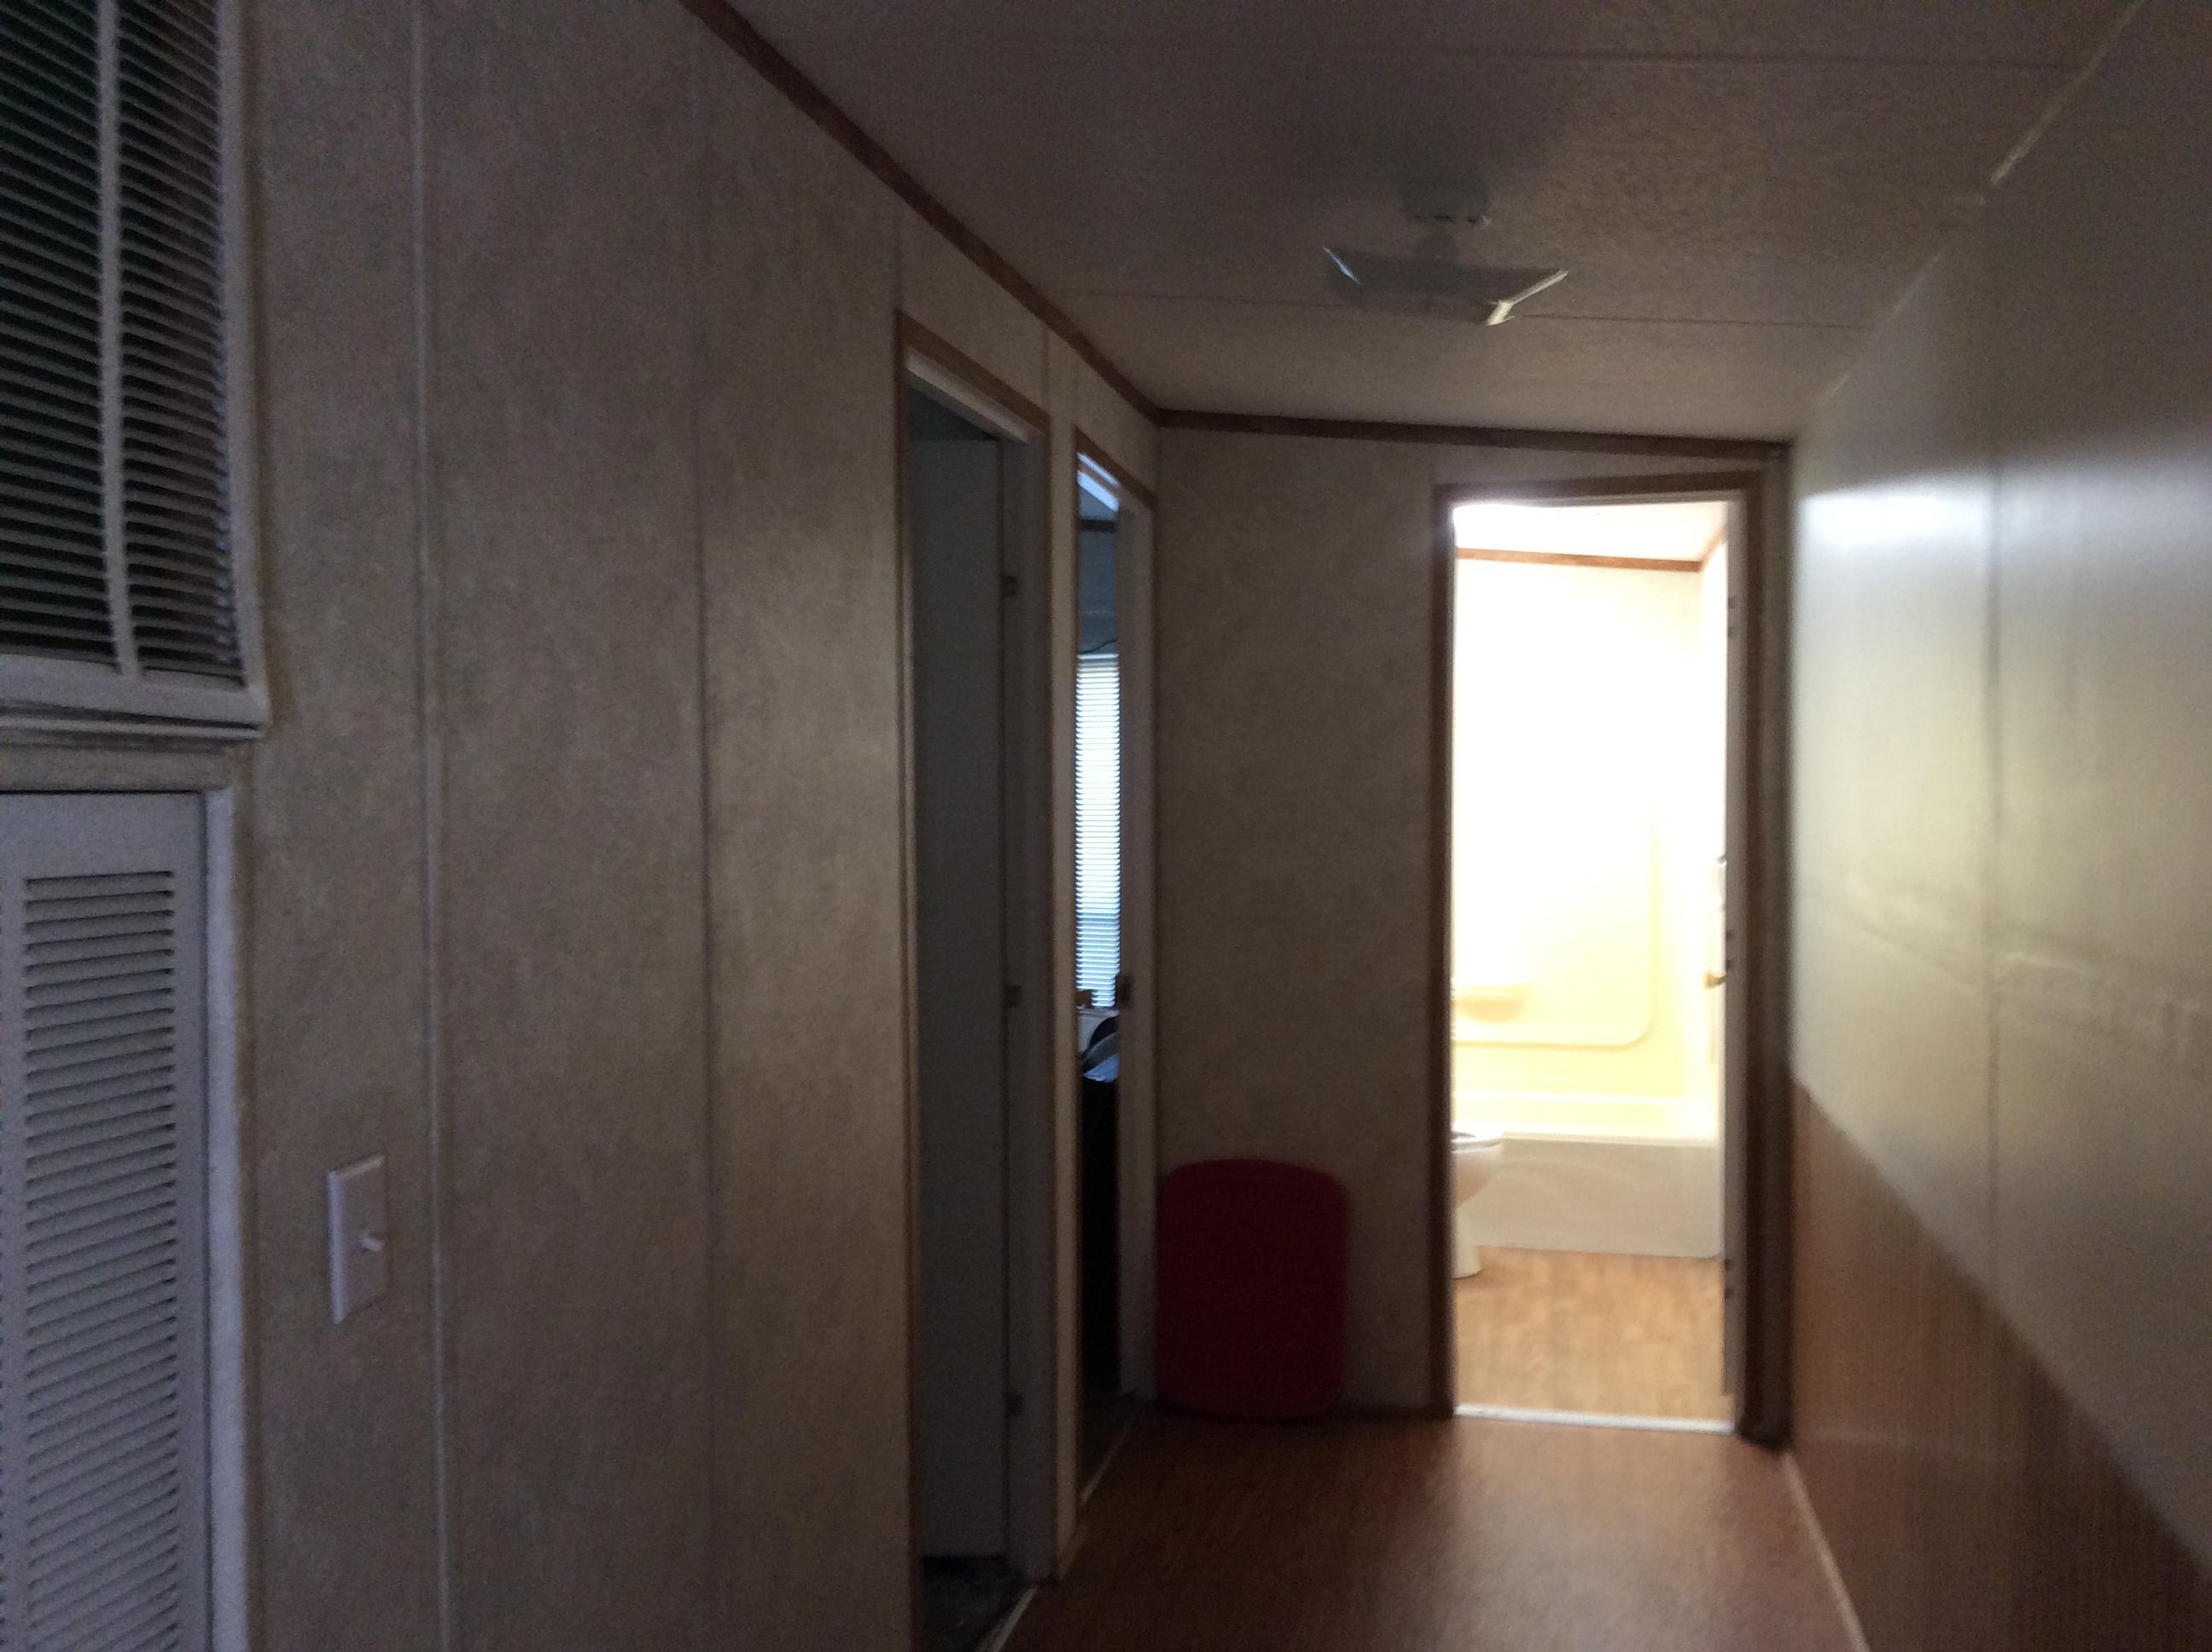 DeRidder home for sale, 302 KAYLA DR, DeRidder LA - $99,000